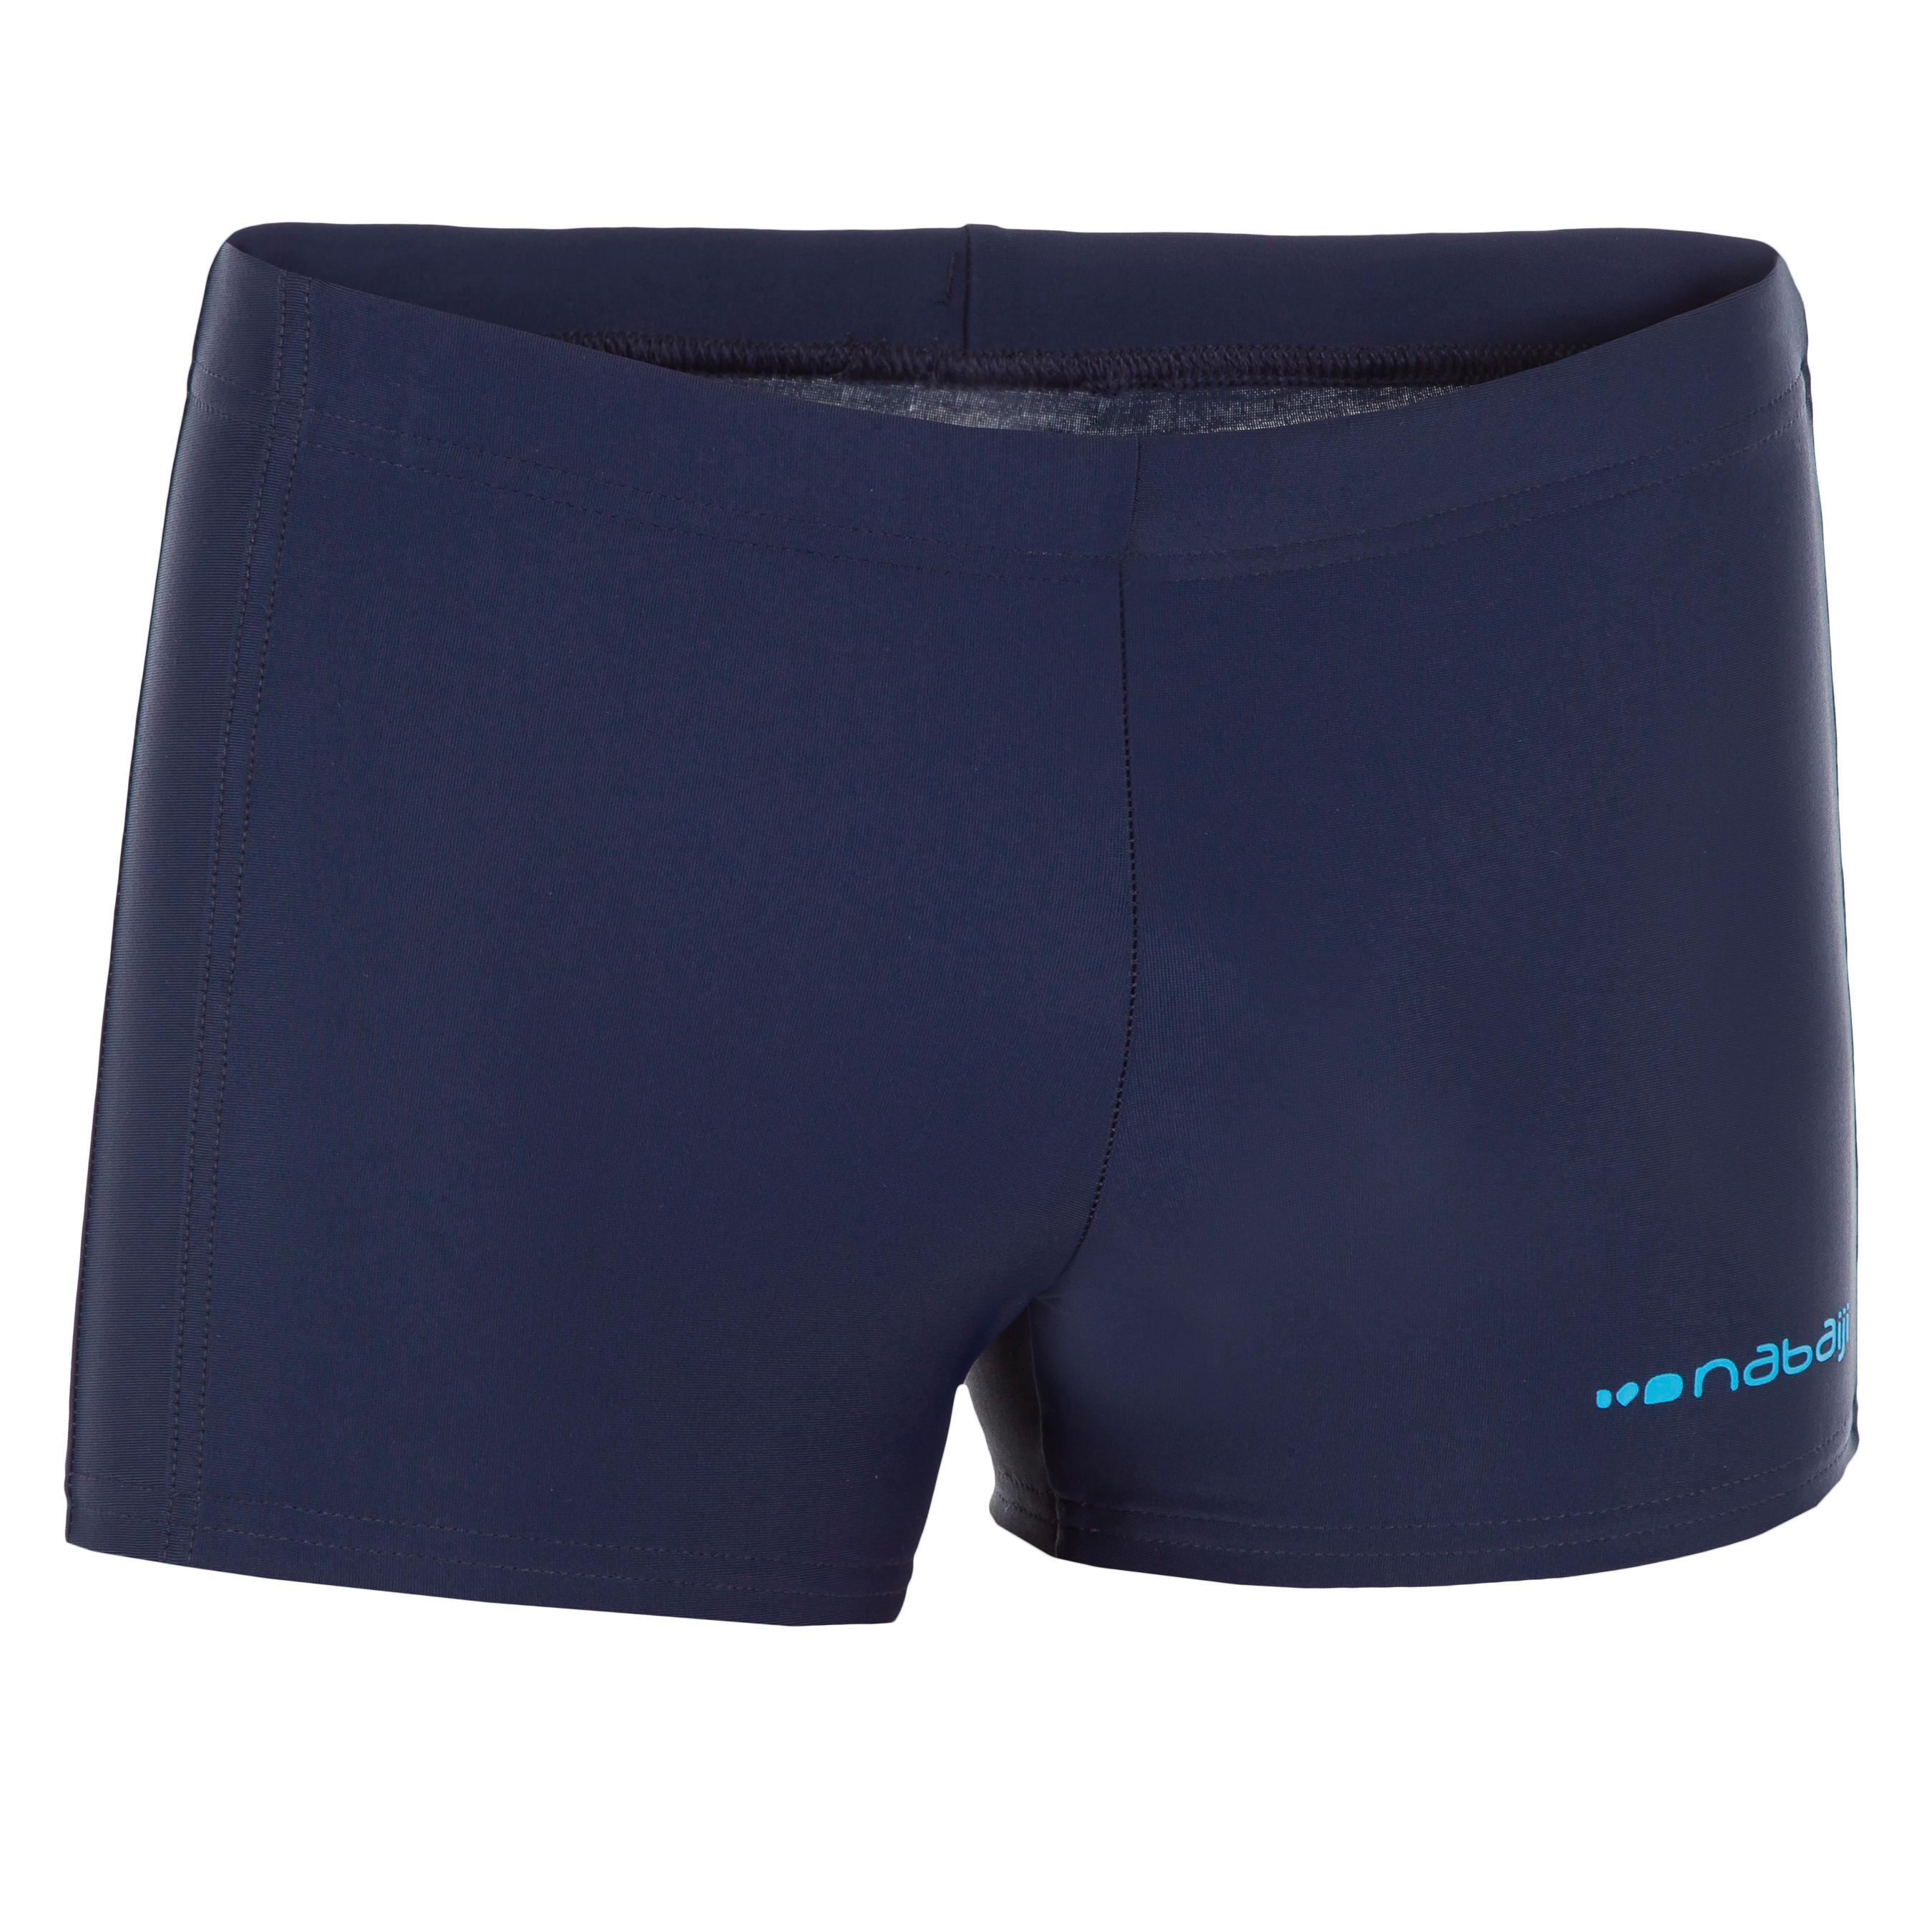 กางเกงว่ายน้ำขาสั้น...